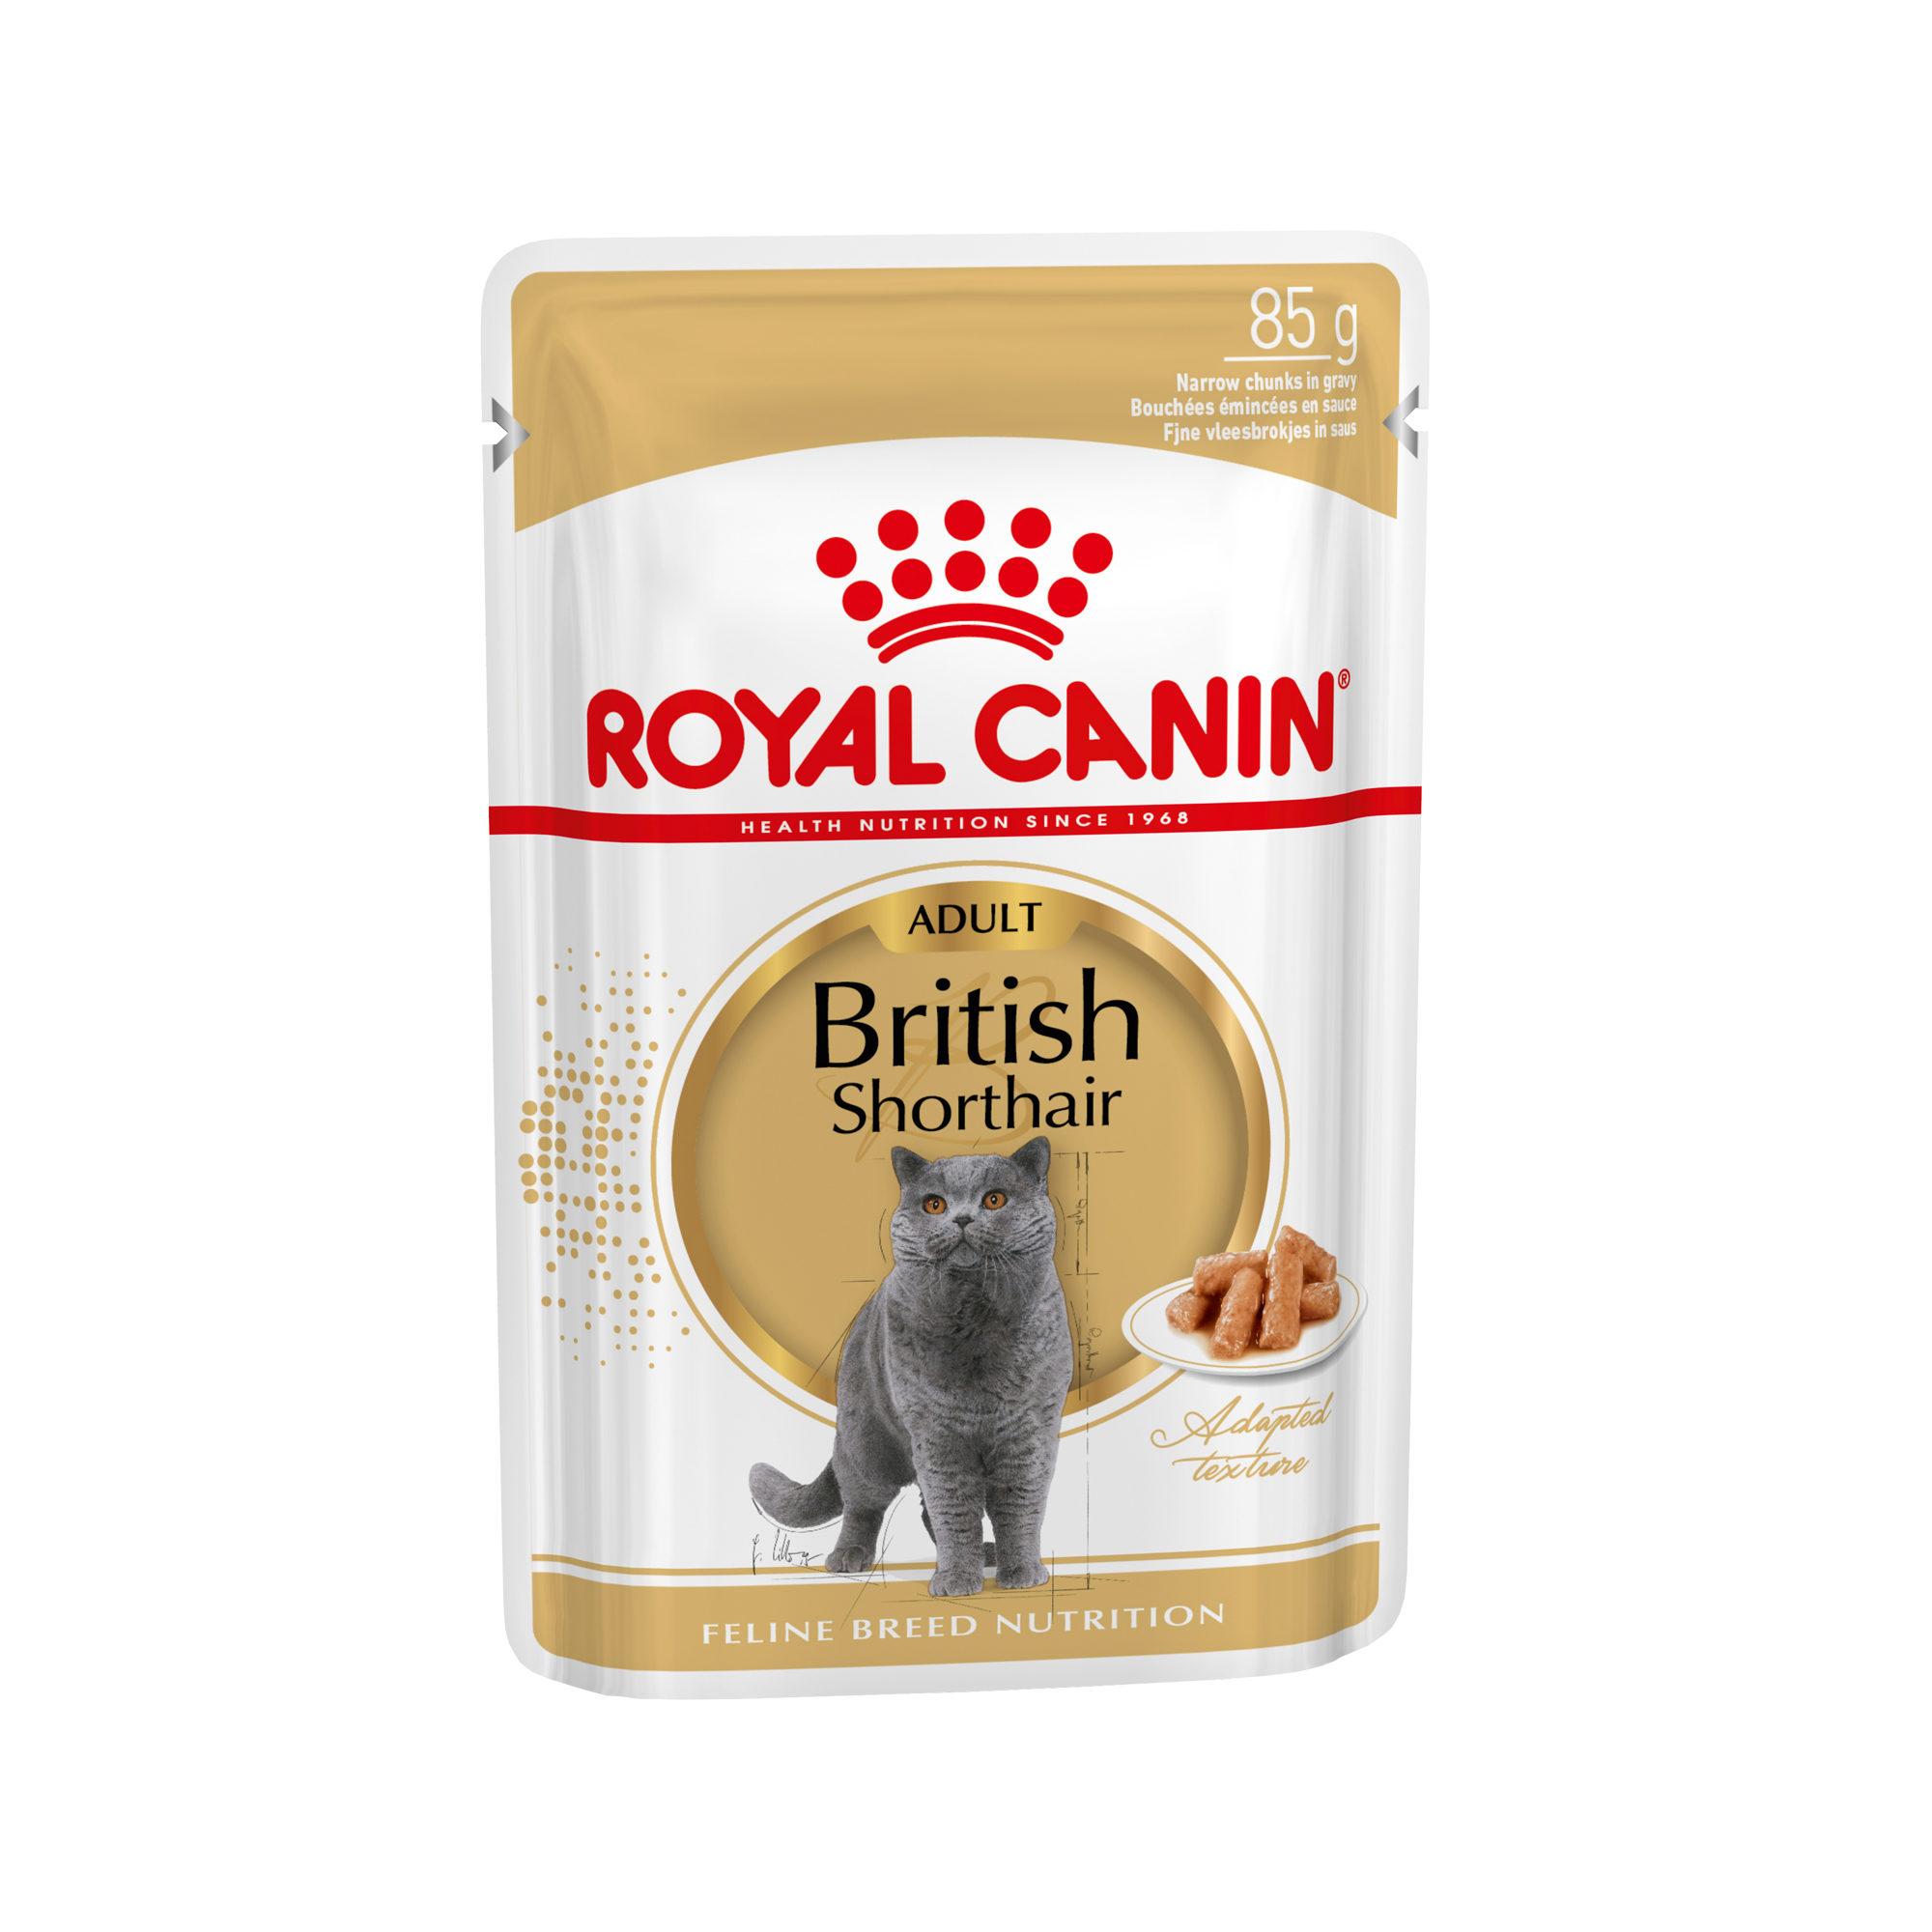 Royal Canin British Shorthair Adult Katzenfutter - Frischebeutel